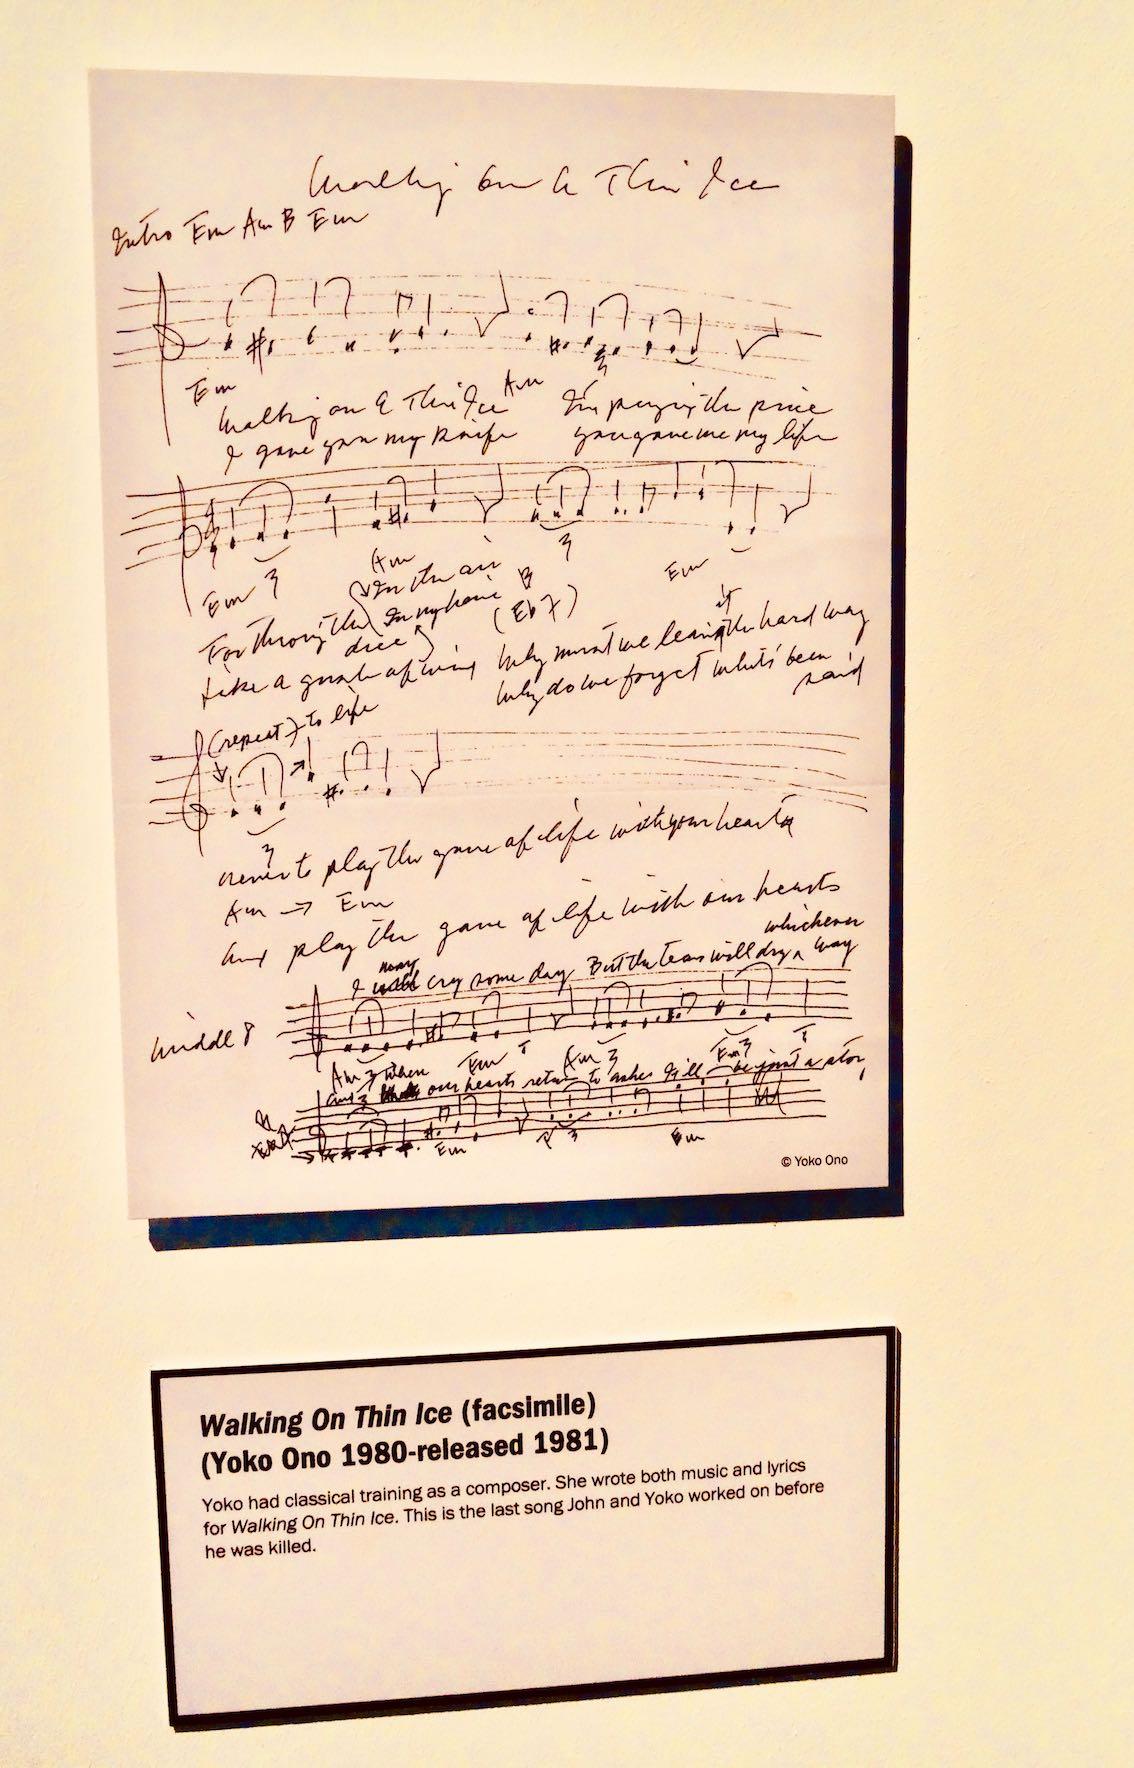 Walking on Thin Ice handwritten lyrics Yoko Ono